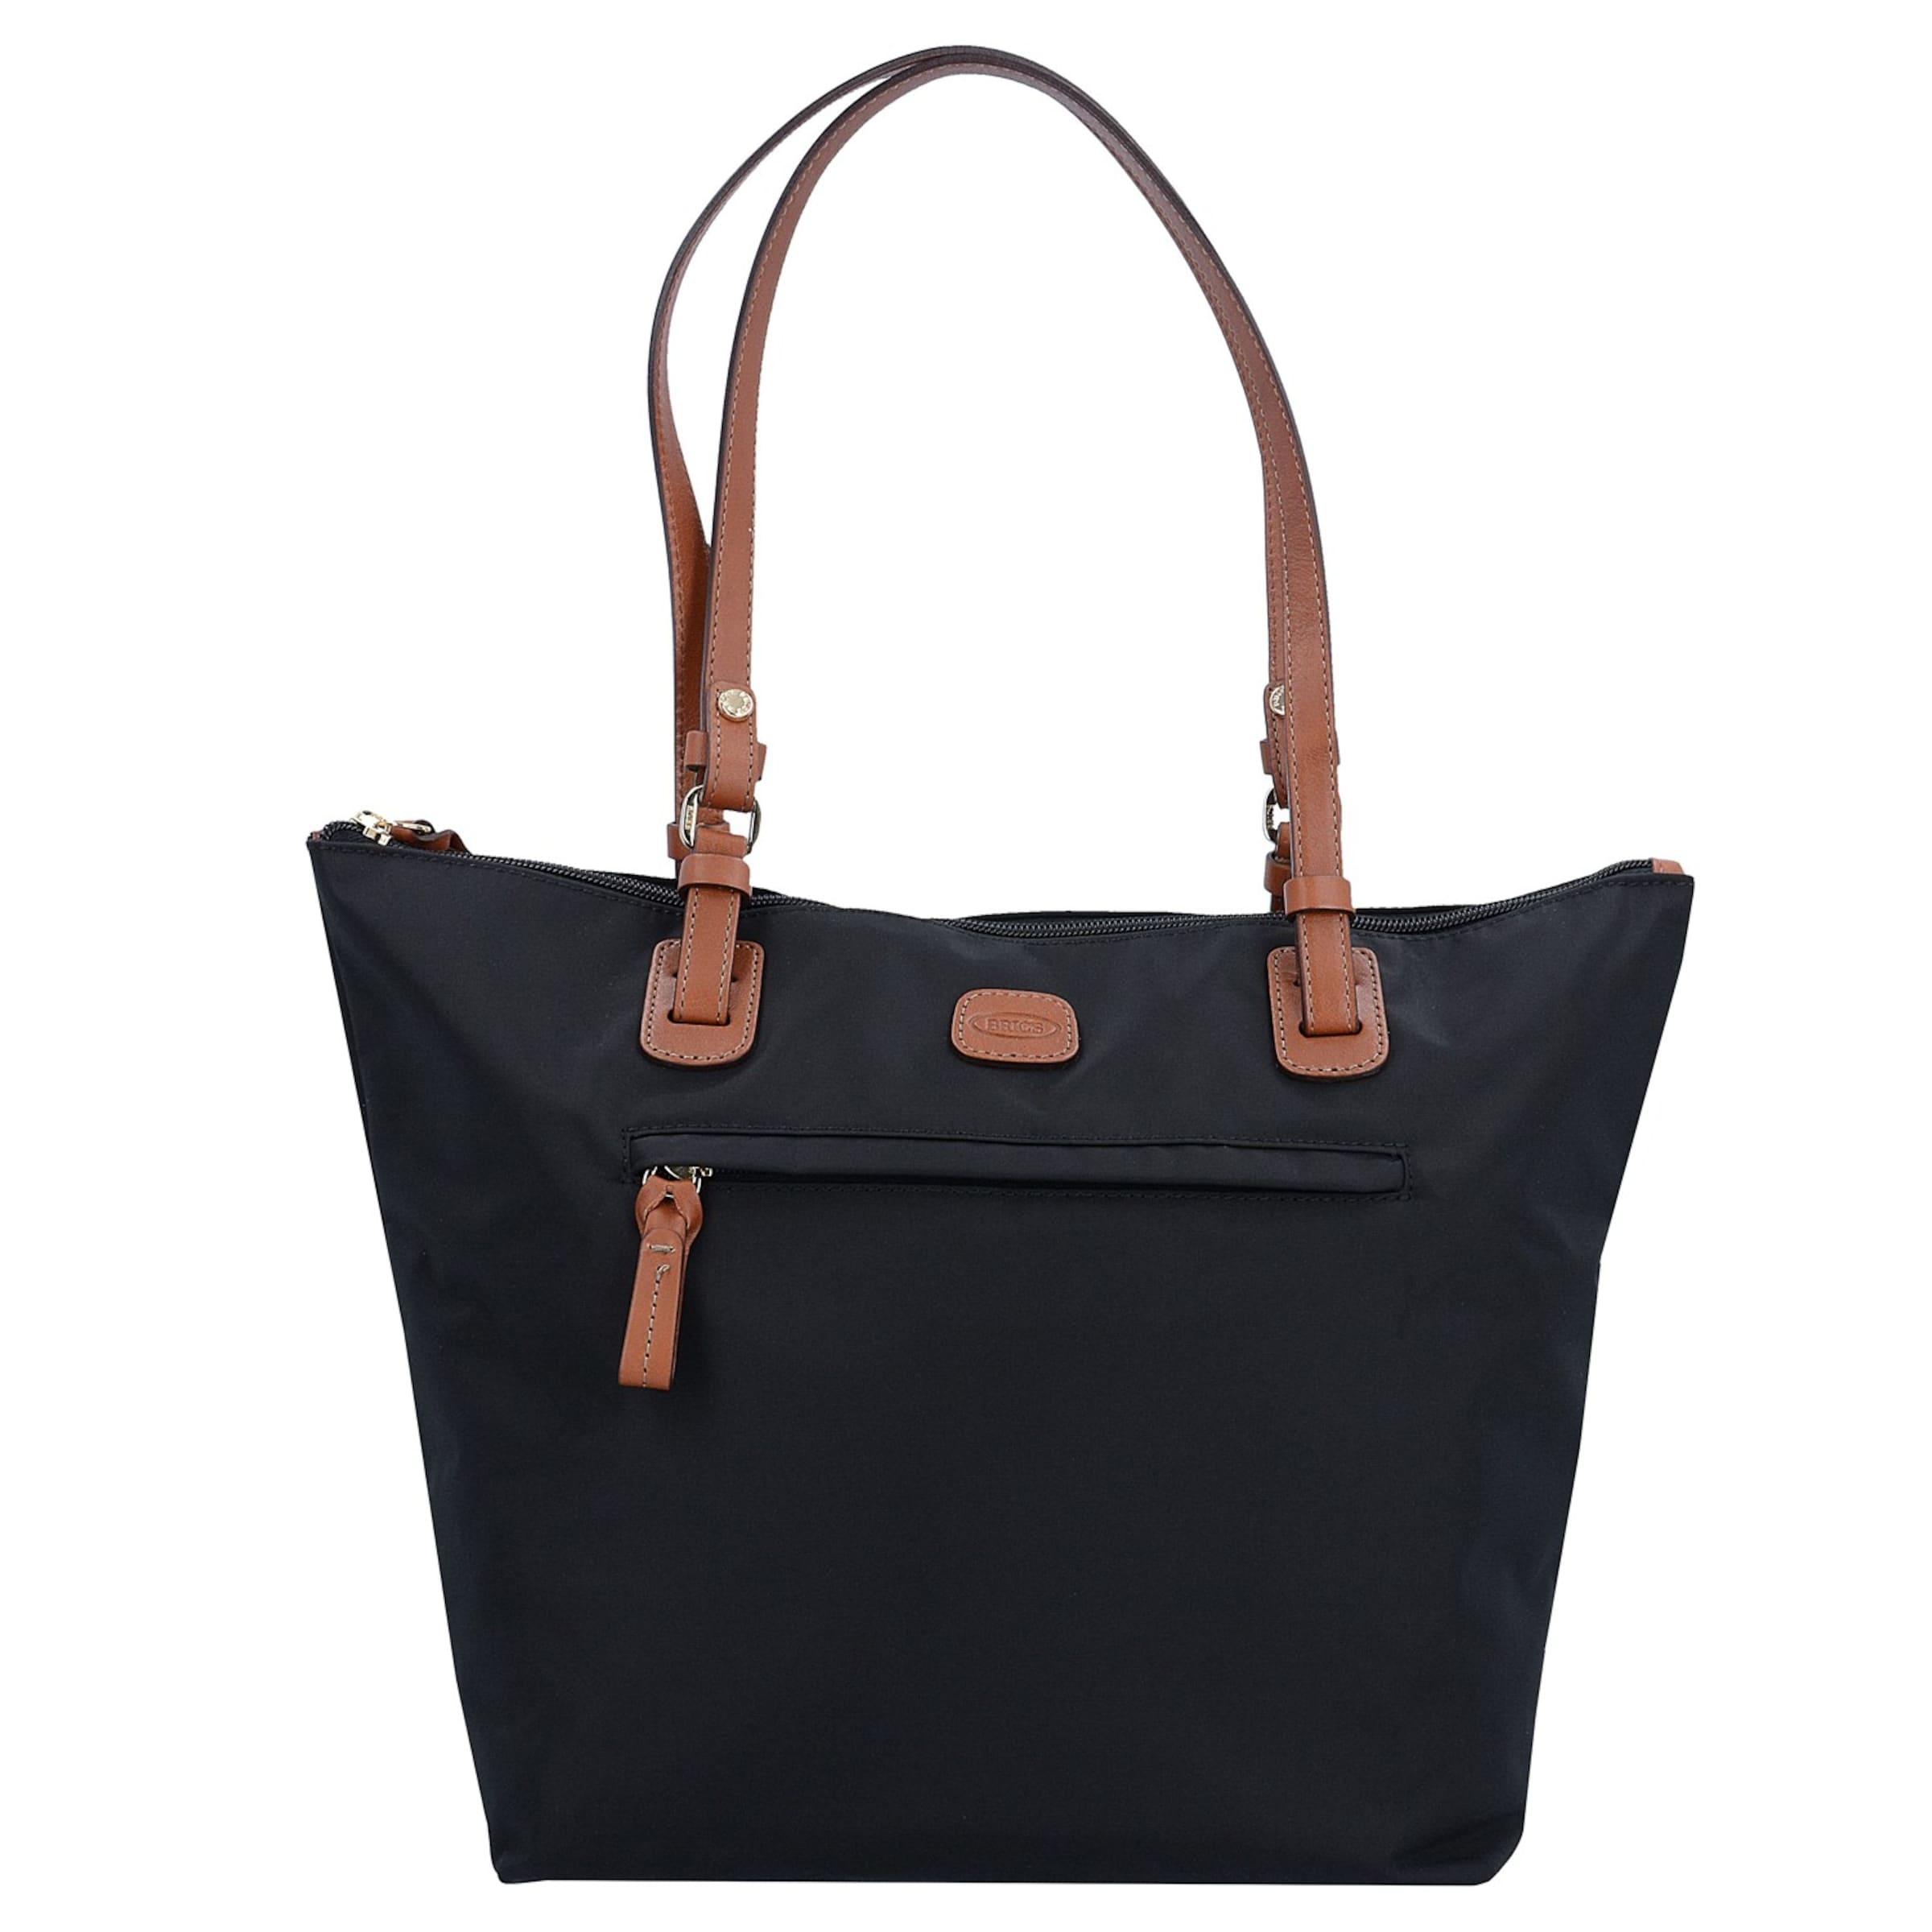 Bric's X-Bag Handtasche 25 cm Auslass Geniue Fachhändler Zuverlässige Online Erkunden Günstigen Preis Freies Verschiffen Versorgung Top-Qualität Online q9CXwyHldQ